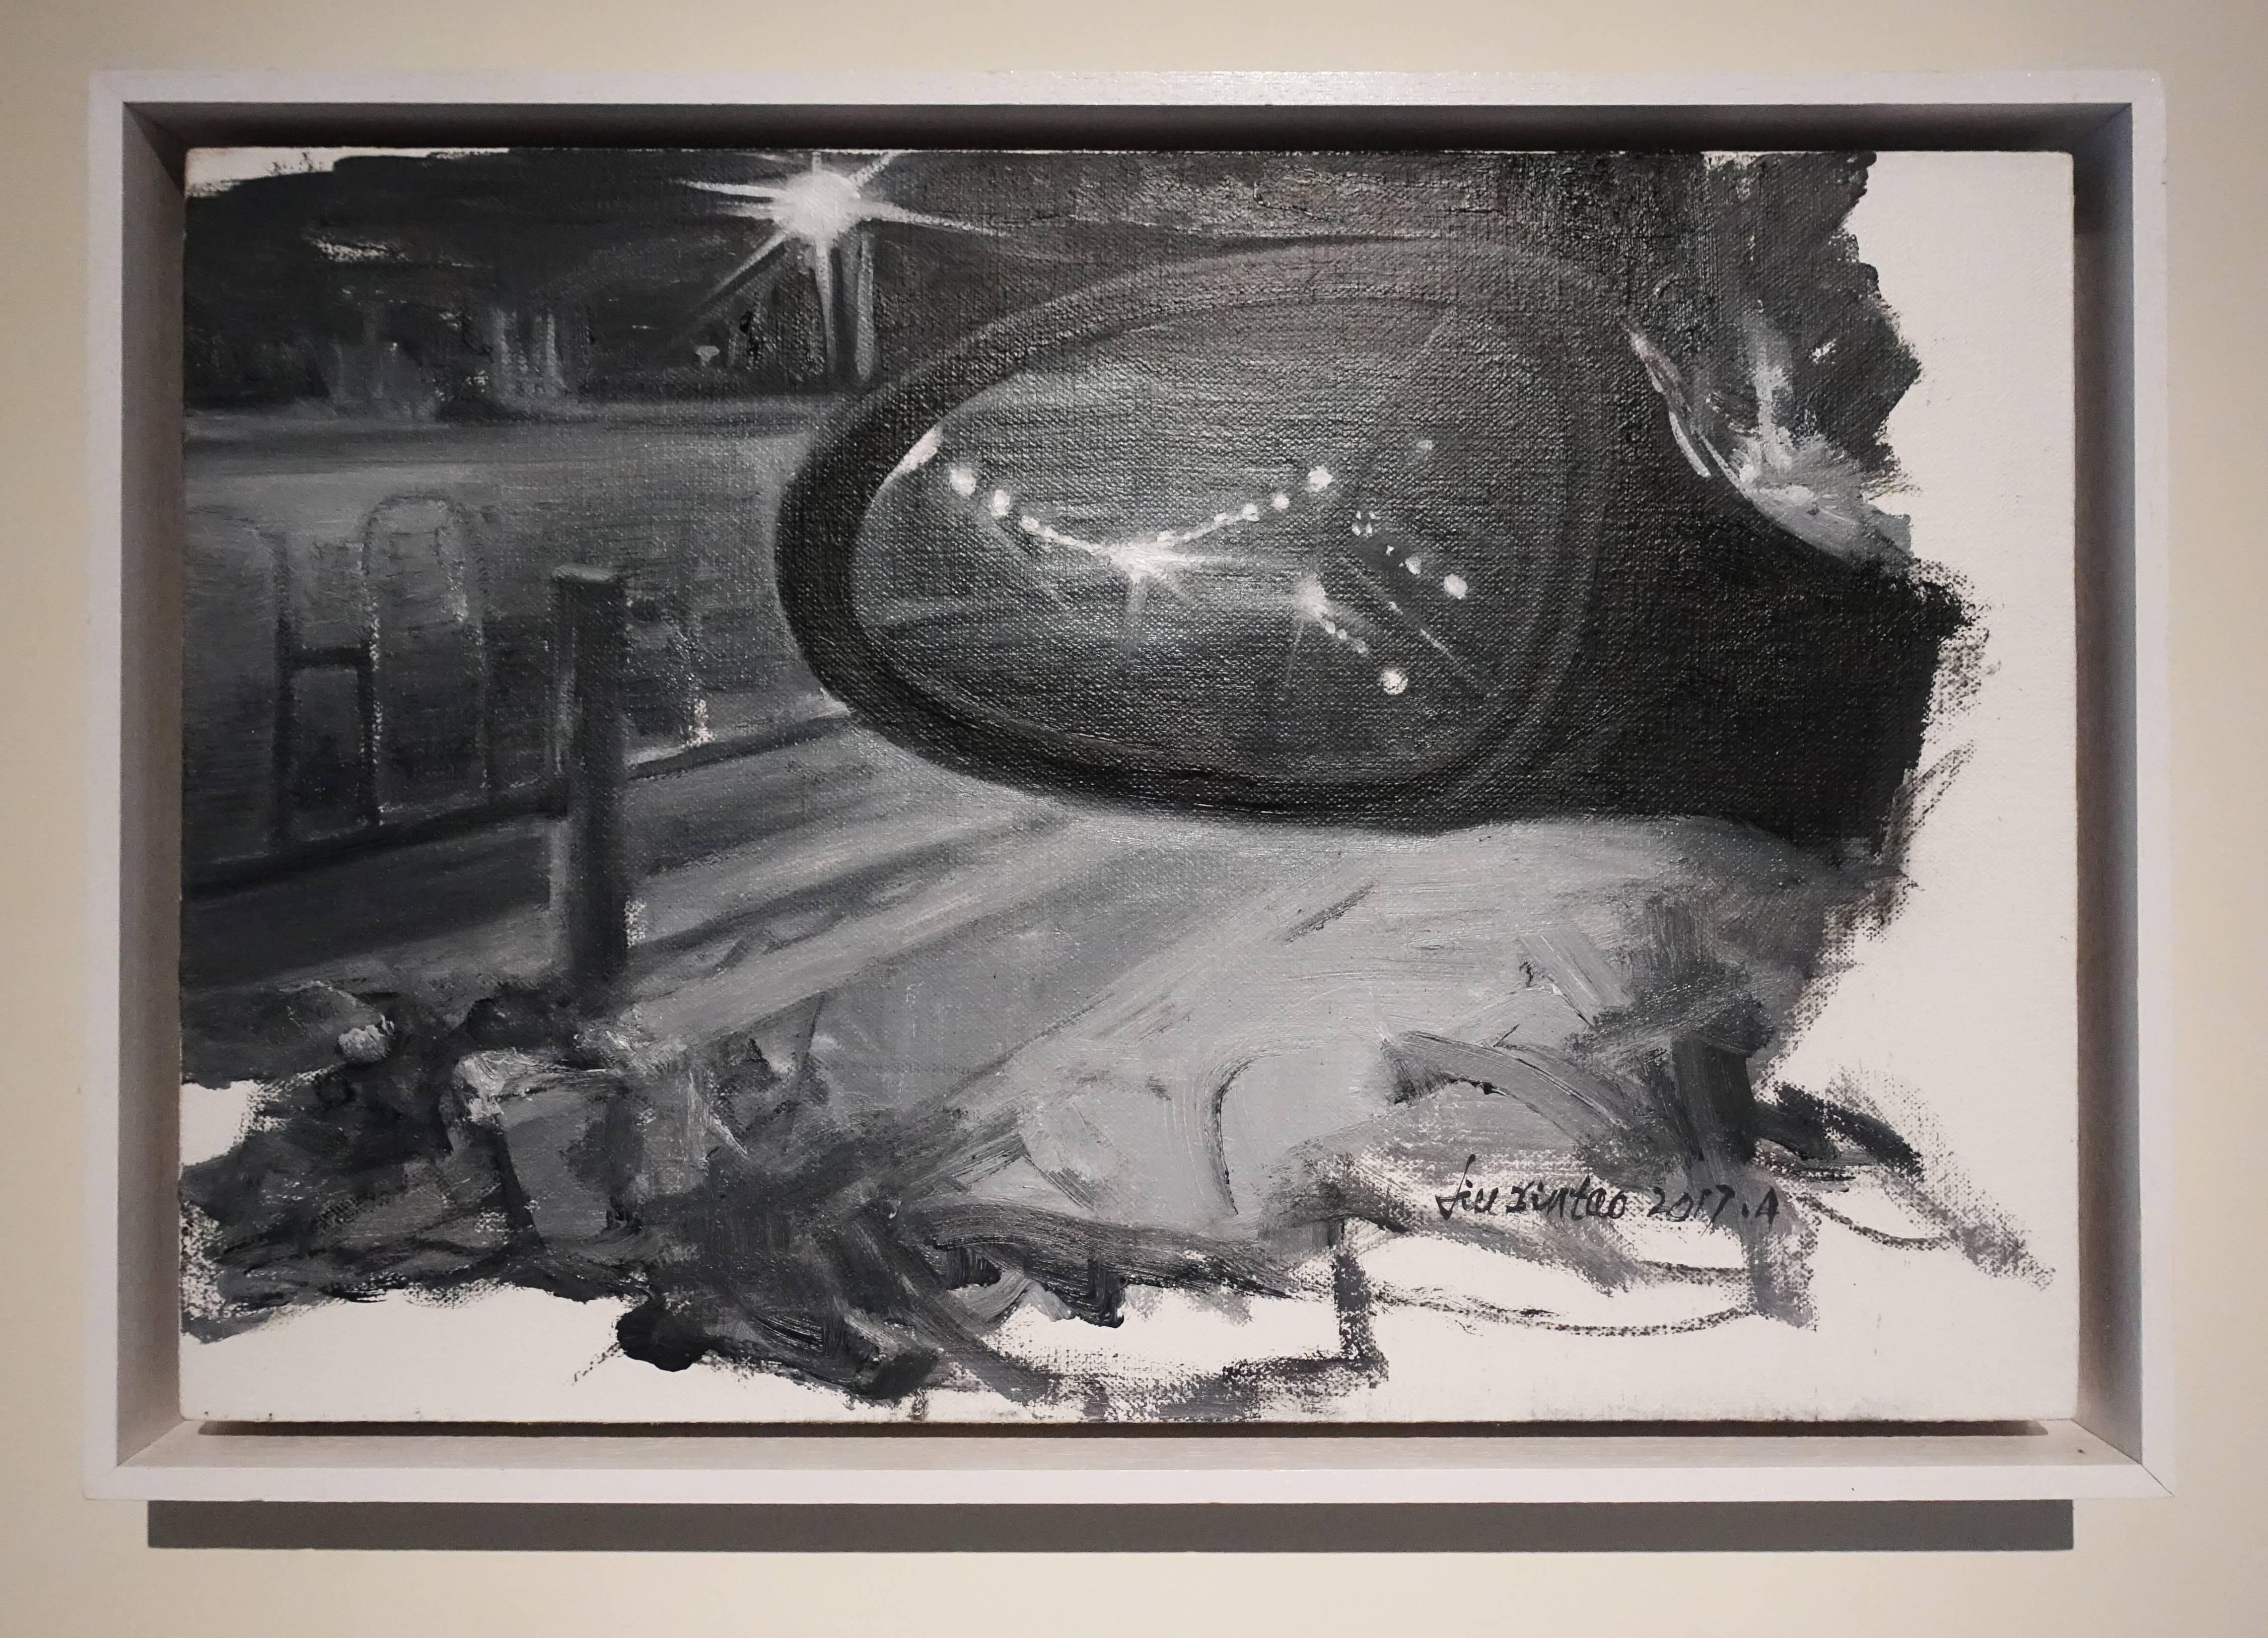 劉芯濤,《香江北路》,40 x 60 cm,布面油畫,2017。